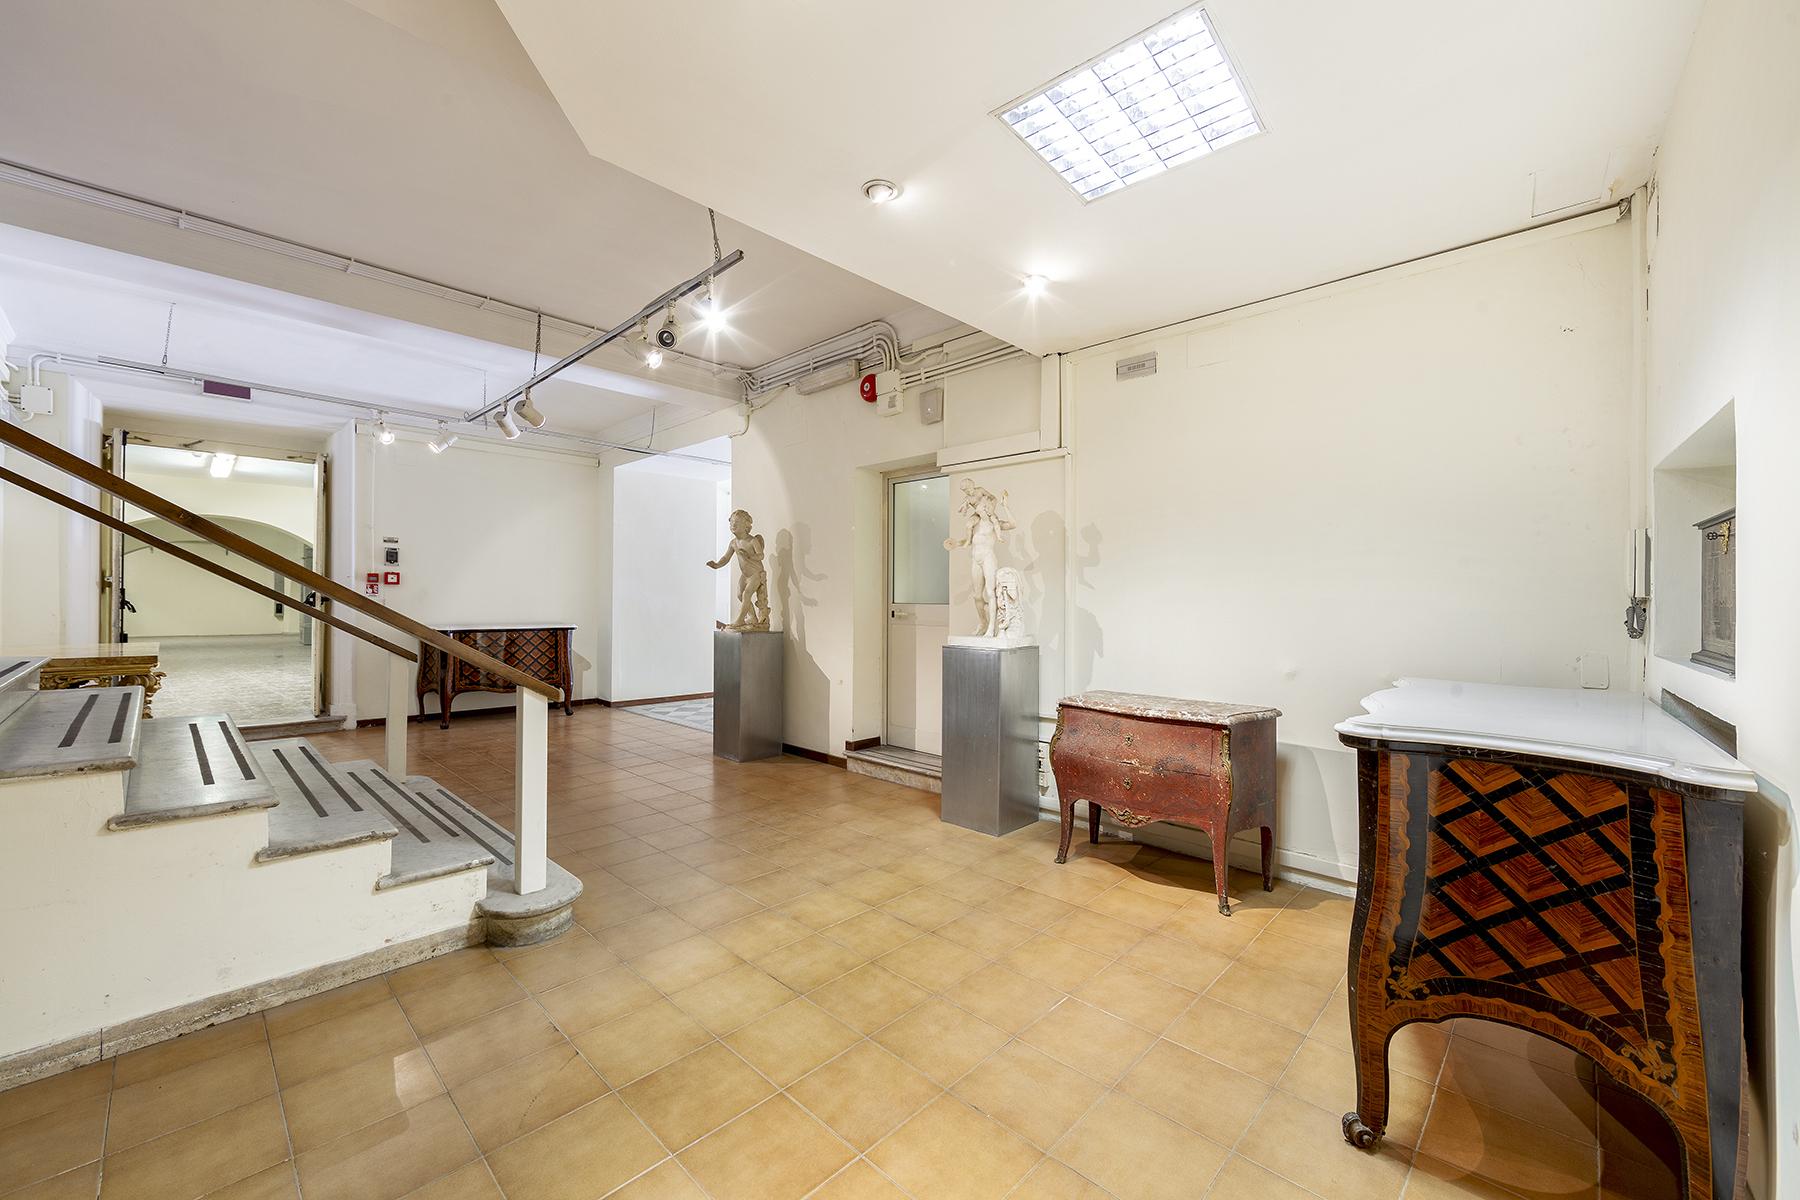 Ufficio-studio in Vendita a Roma: 5 locali, 772 mq - Foto 9